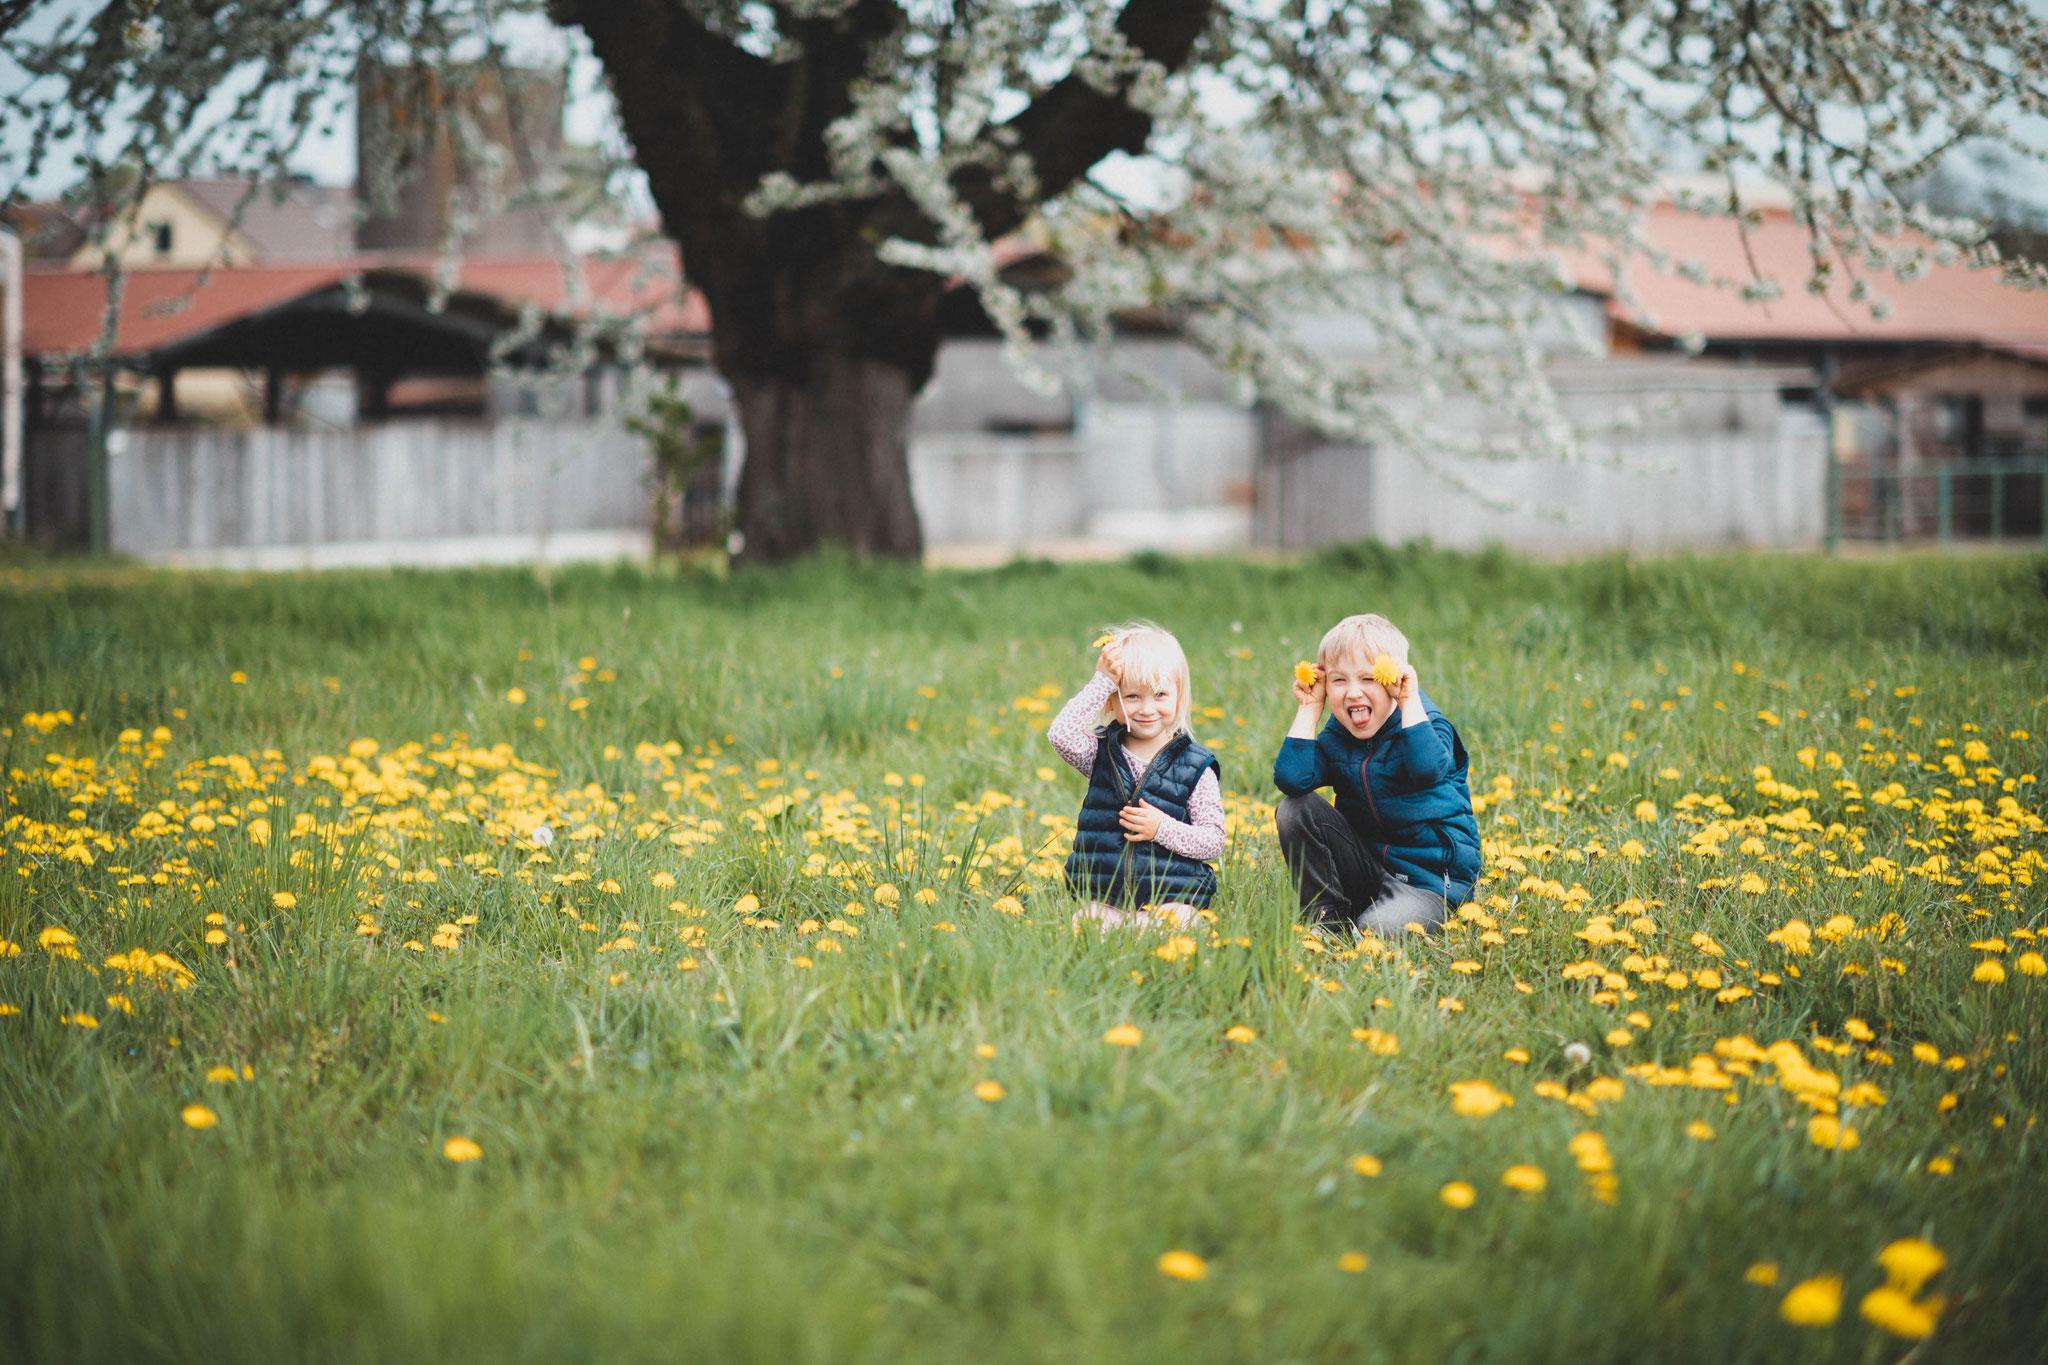 Kinderportraits und Kinderaufnahmen in Frankfurt, Wiesbaden und Umgebung